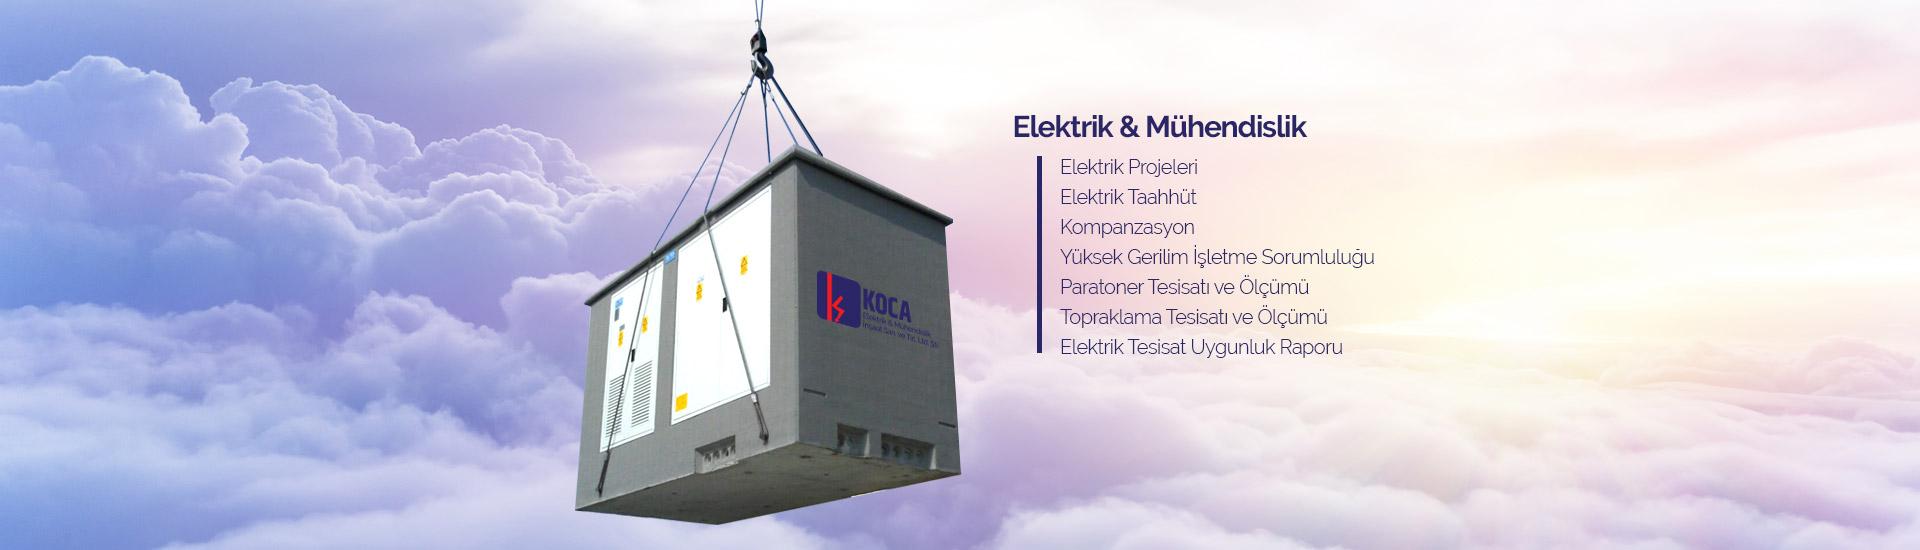 Koca Elektrik Mersin, Mühendislik Hizmetleri